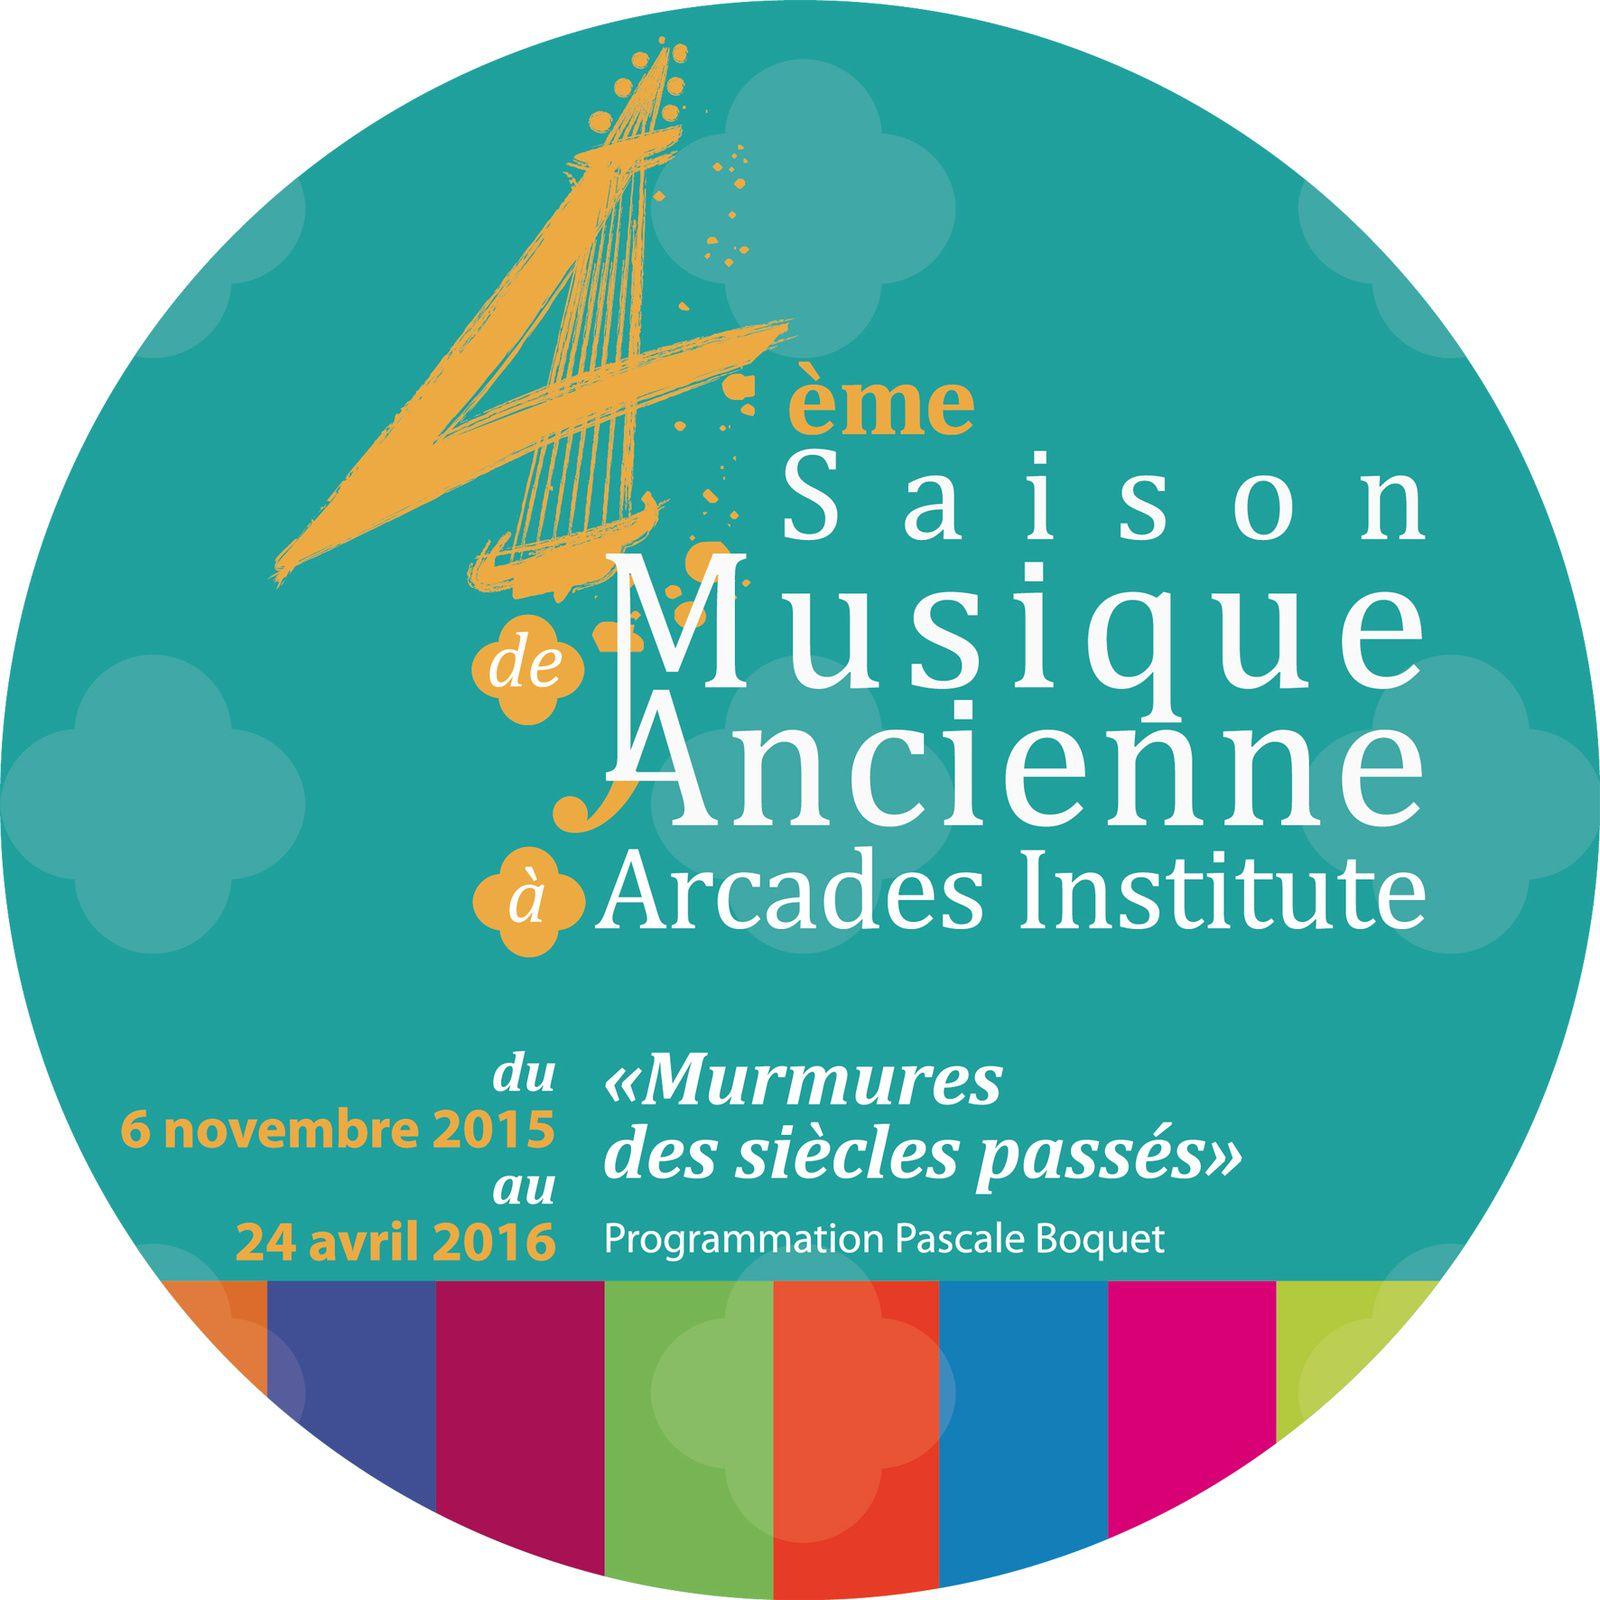 4ème Saison de Musique Ancienne à Arcades Institute